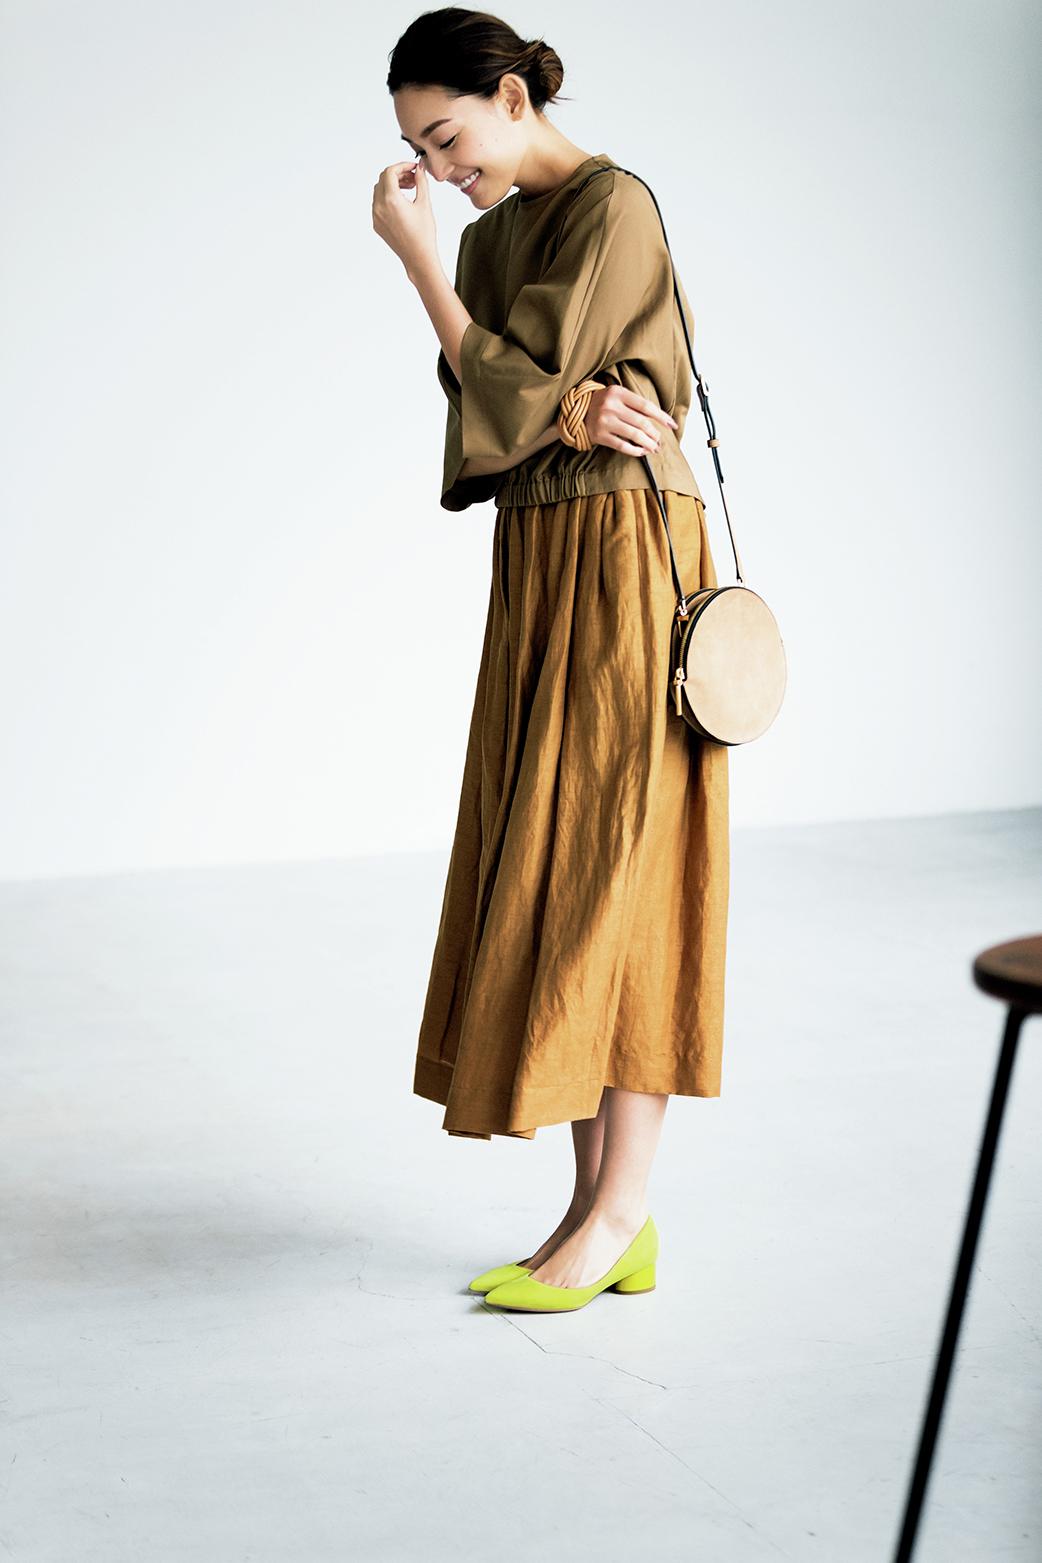 「足もとに色」が今年のトレンド! 春のおしゃれはきれい色の靴から_3_1-1